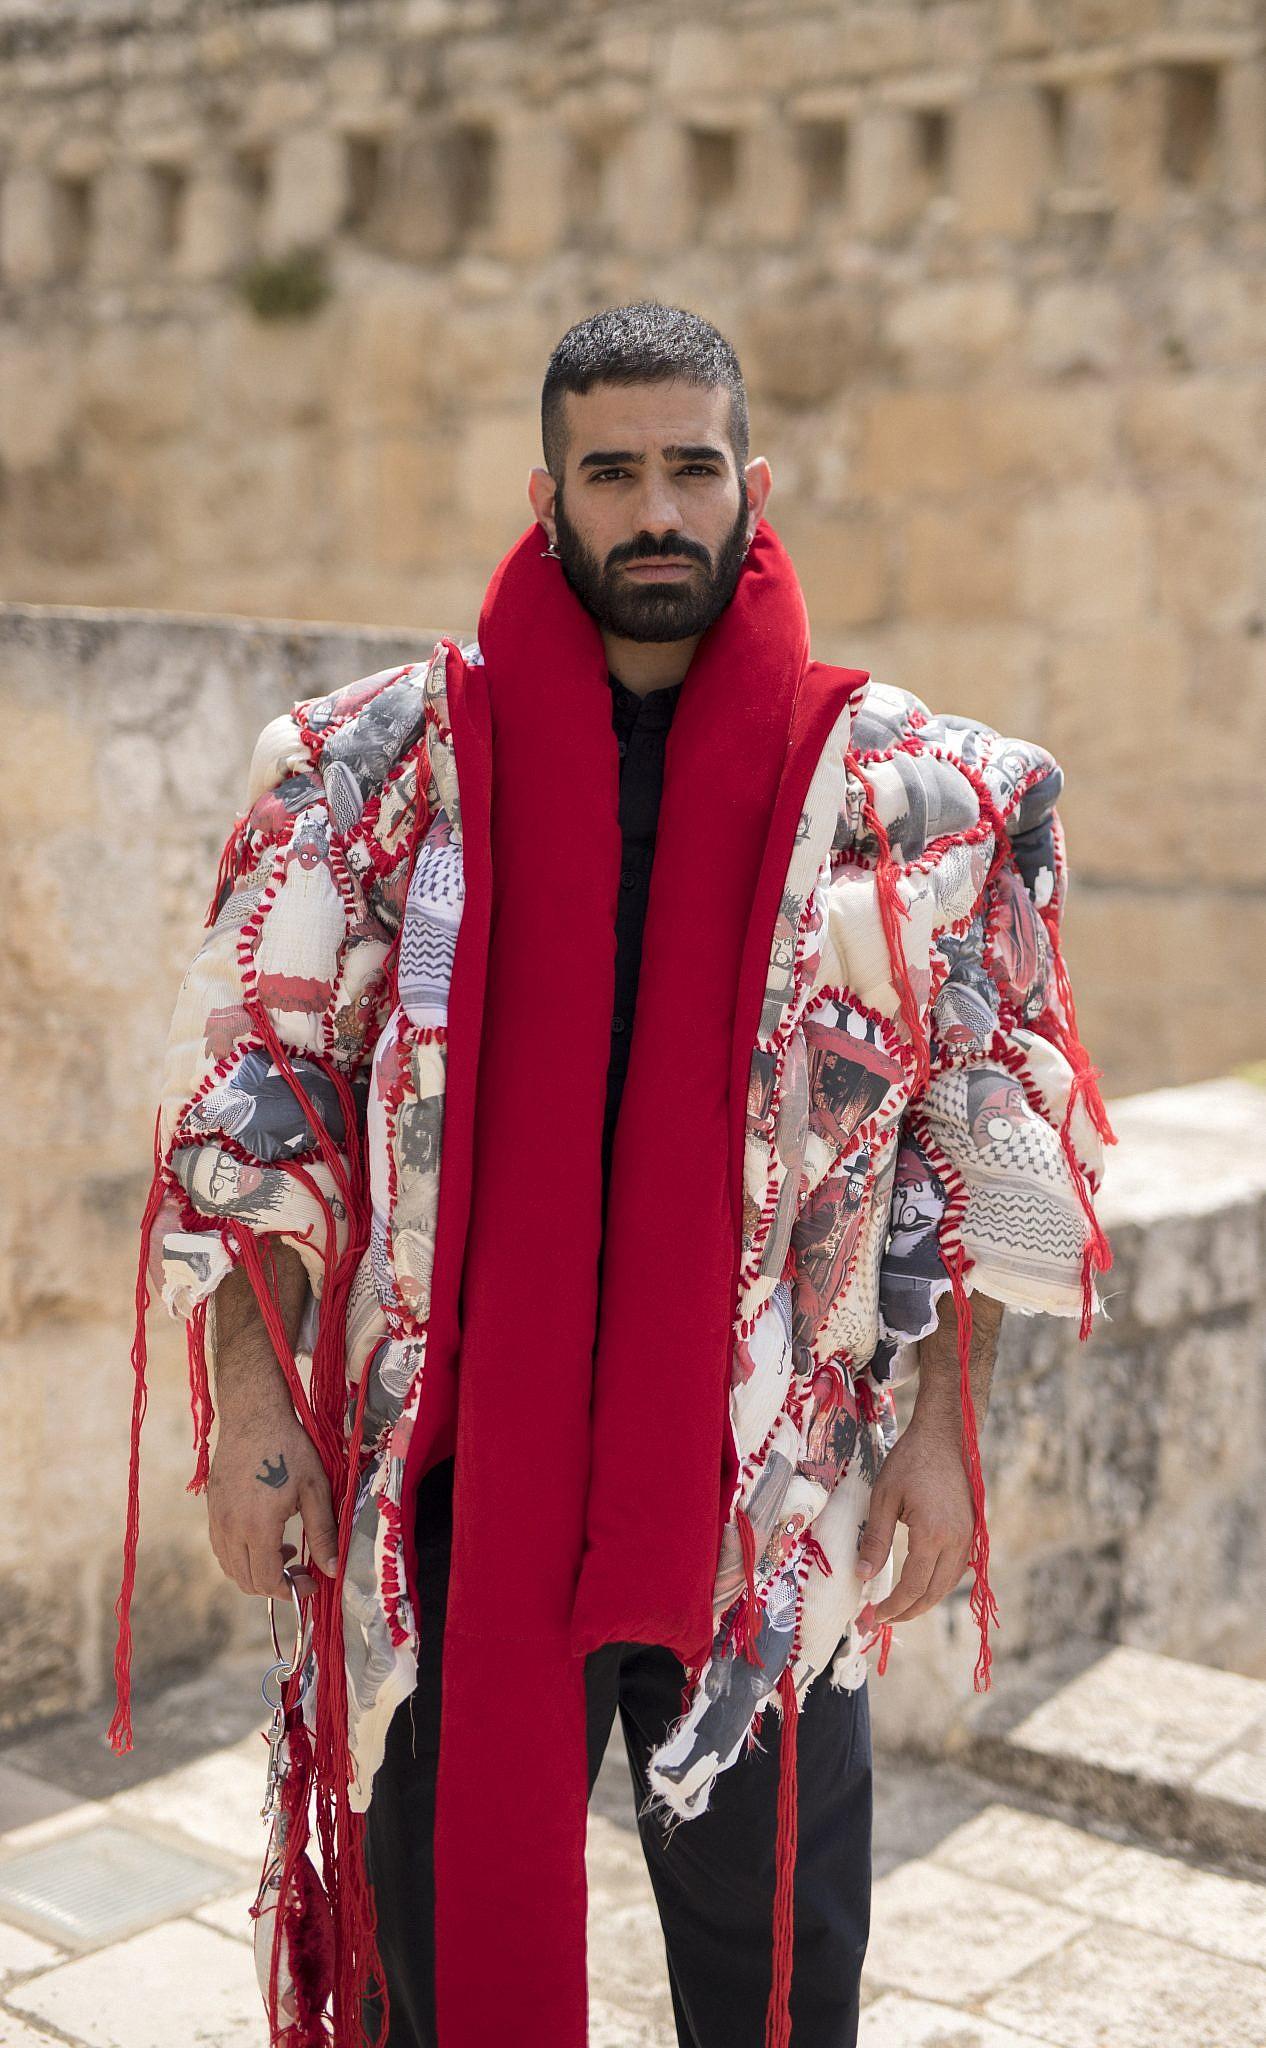 פריט הלבוש שיצרו אהרון גניש ושלומית עמר לקולקטיב OVERALL. צילום: ריקי רחמן